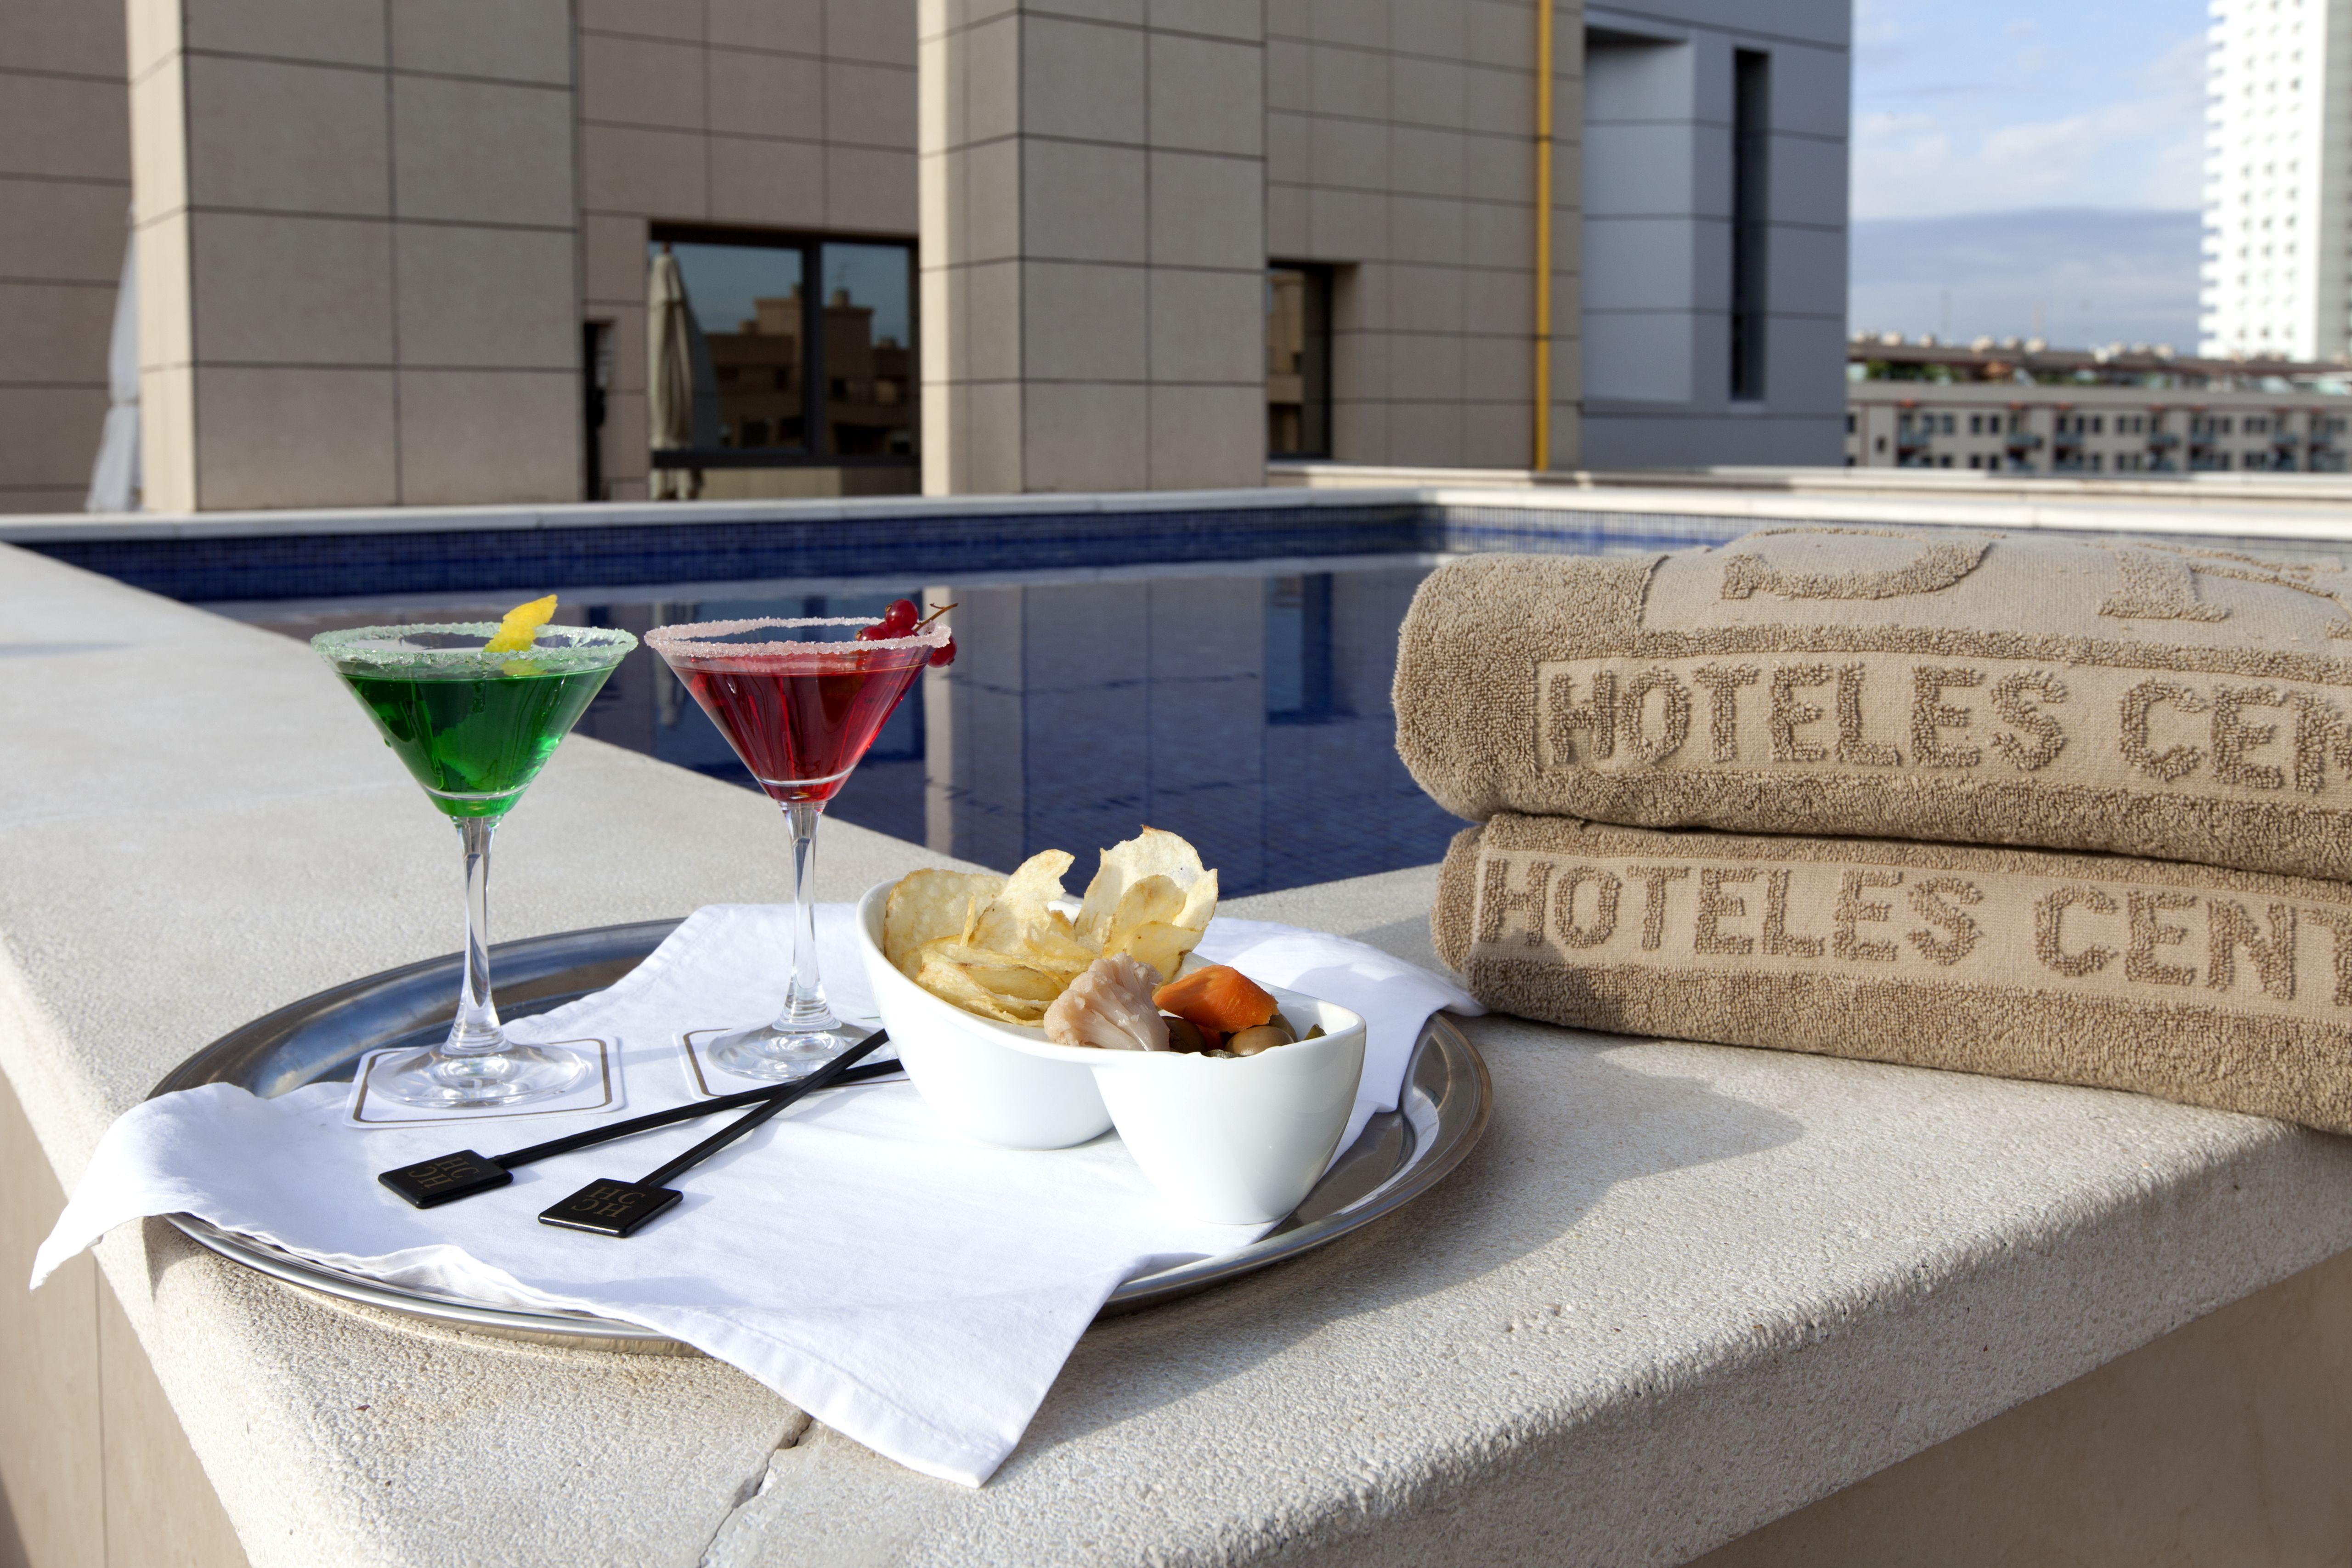 Hoteles Center ofrece un espectacular recorrido por sus mejores terrazas